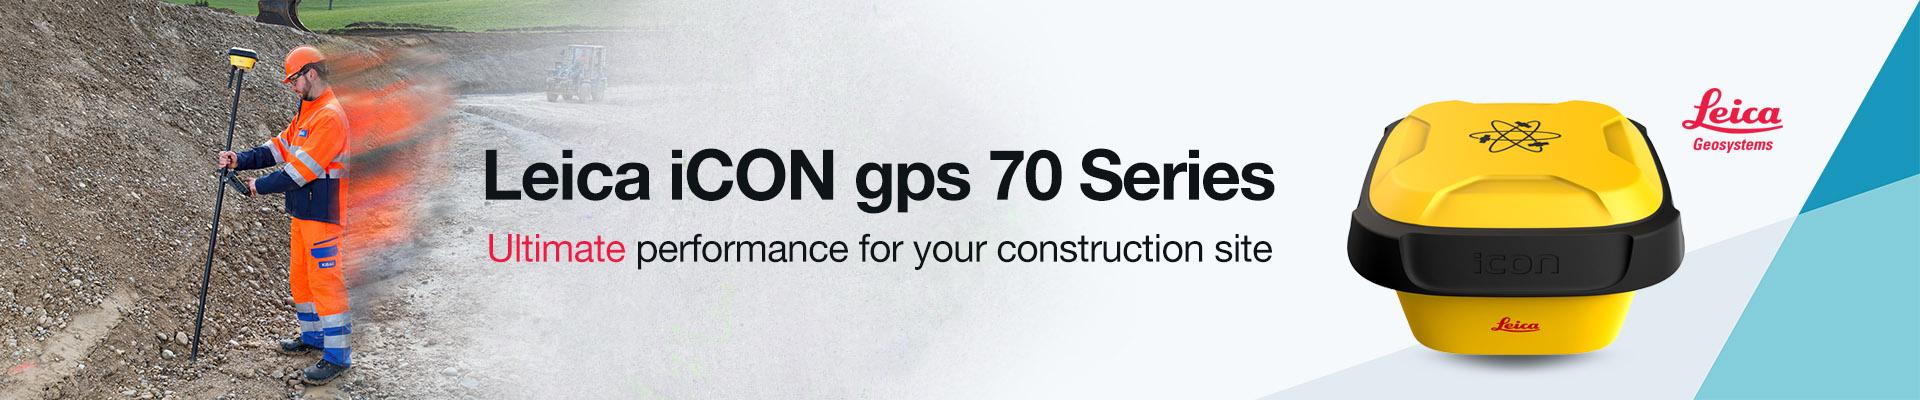 Leica iCON gps 70 Series